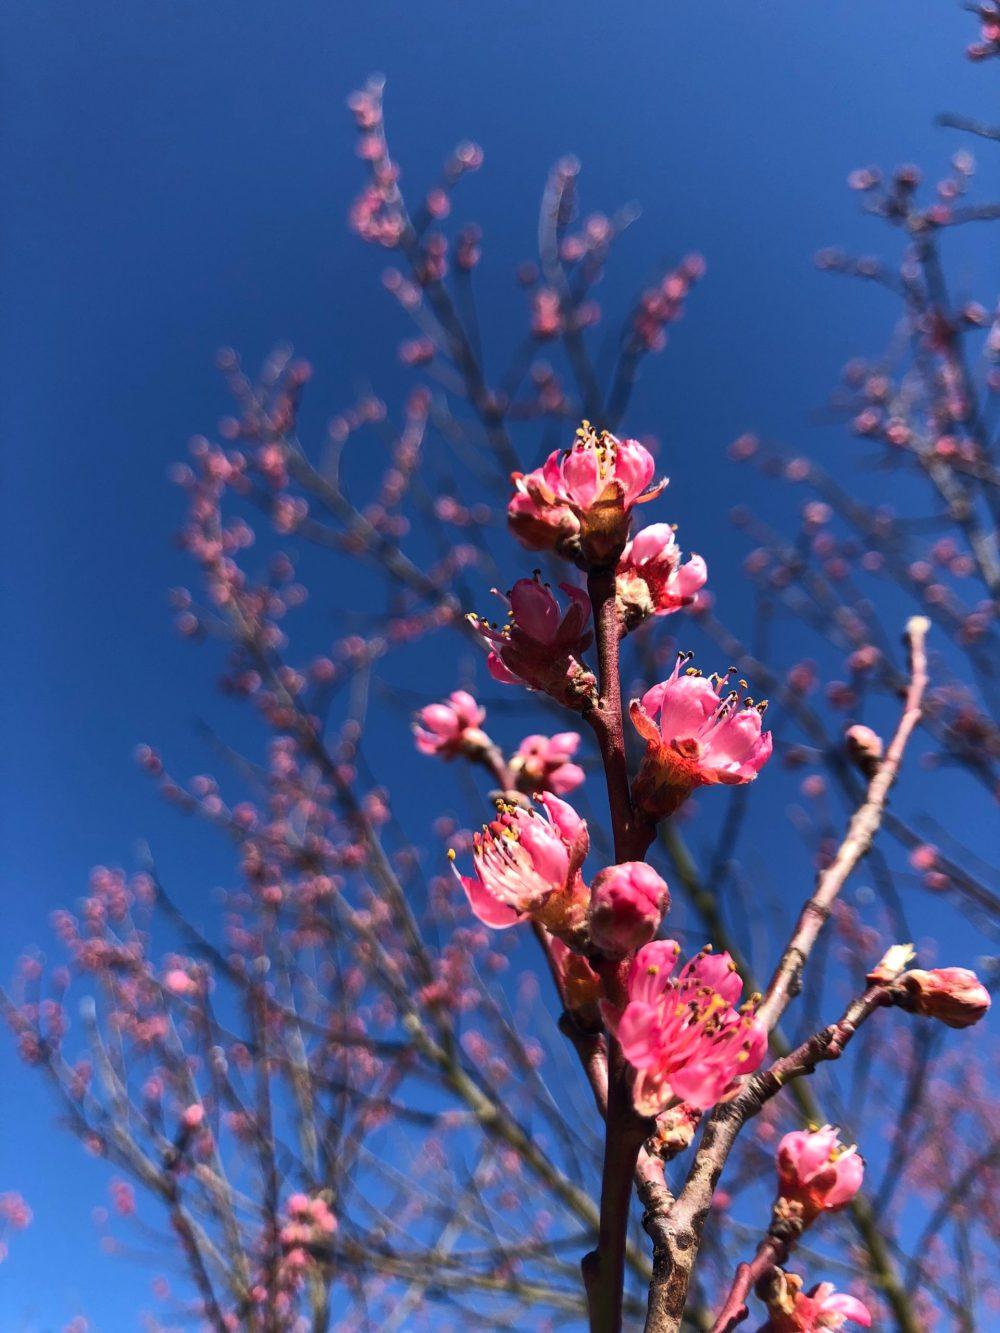 Pinkfarbene Pfirsichblüten im Vordergrund und Hintergrund